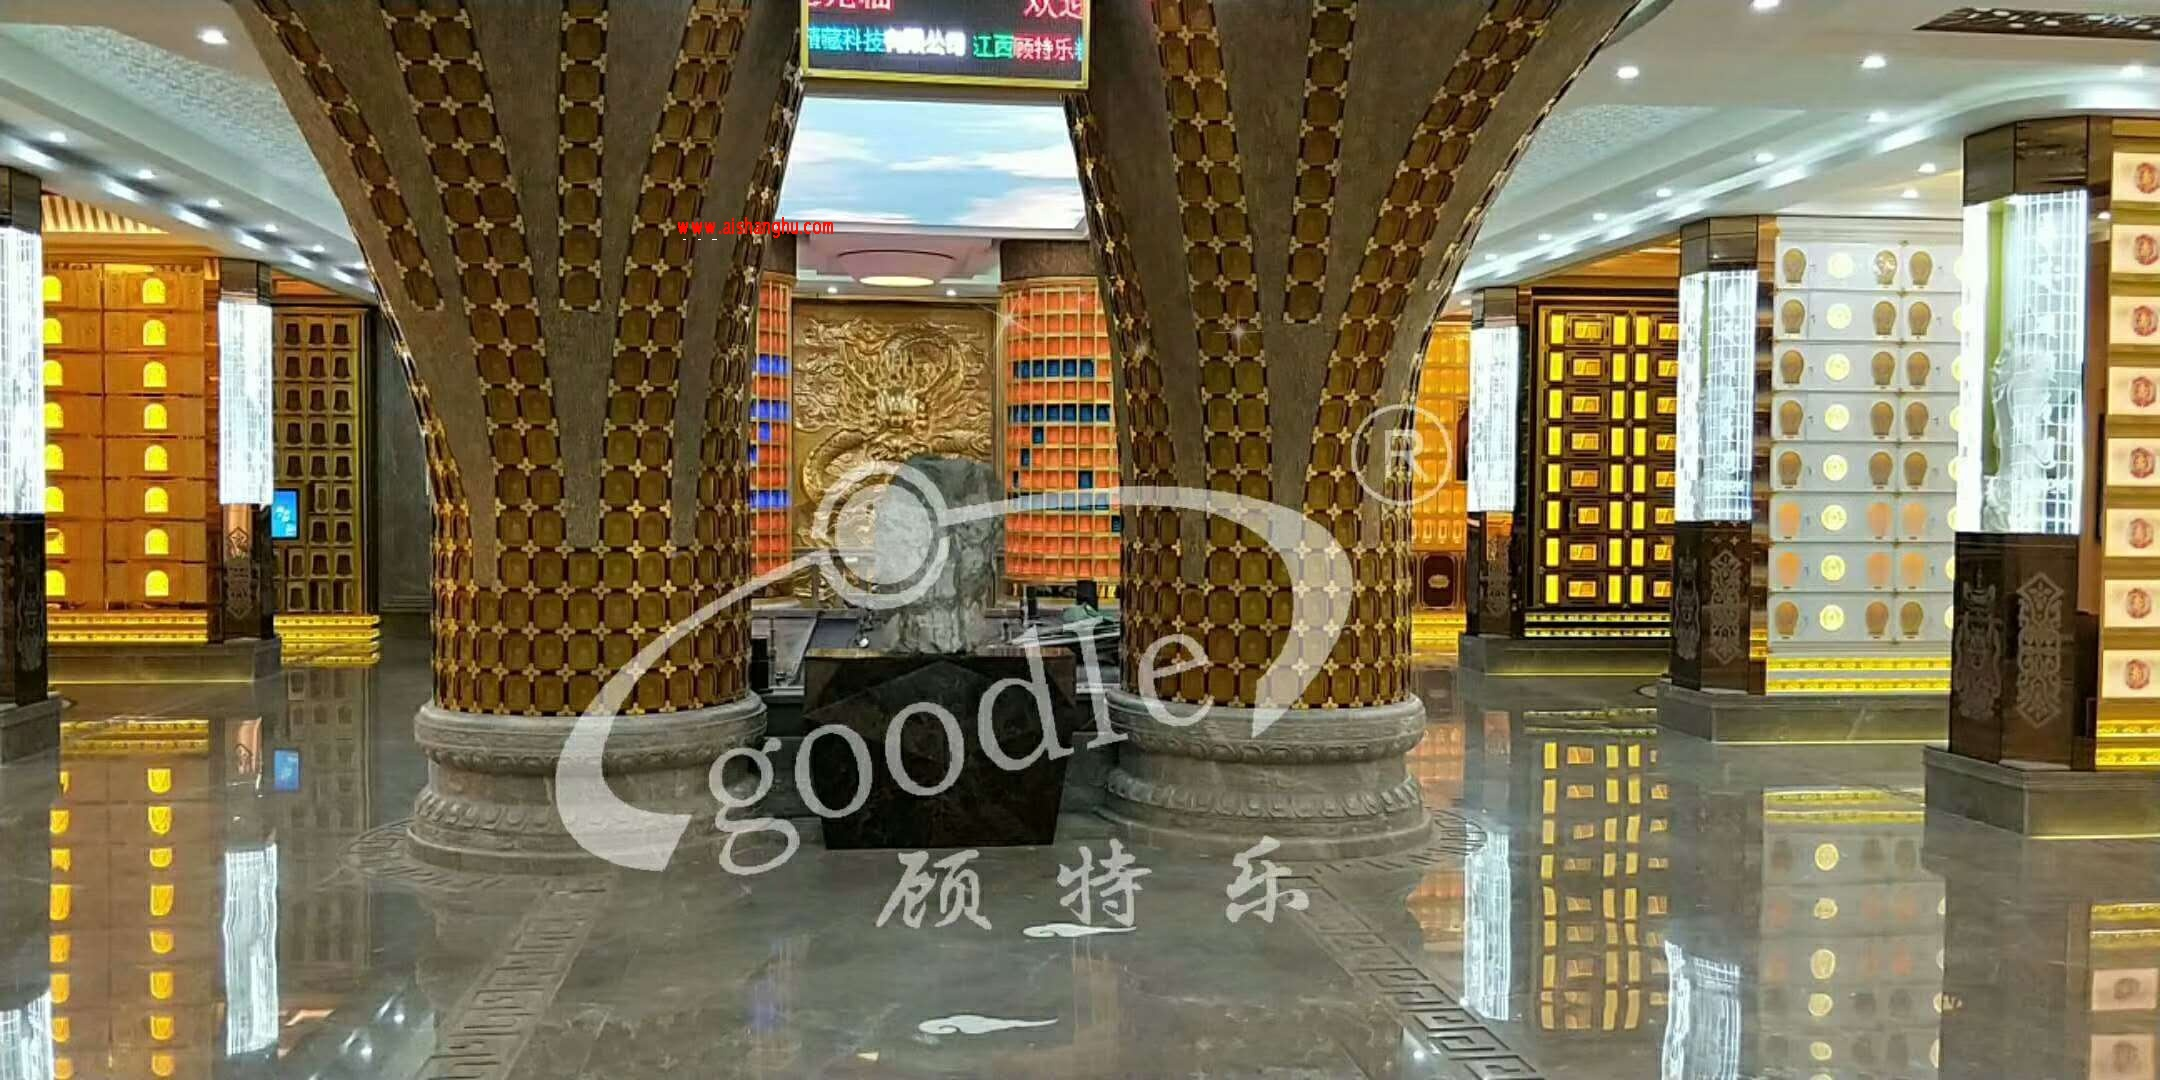 地宫骨灰穴位架面板样式超清案例照片江西顾特乐